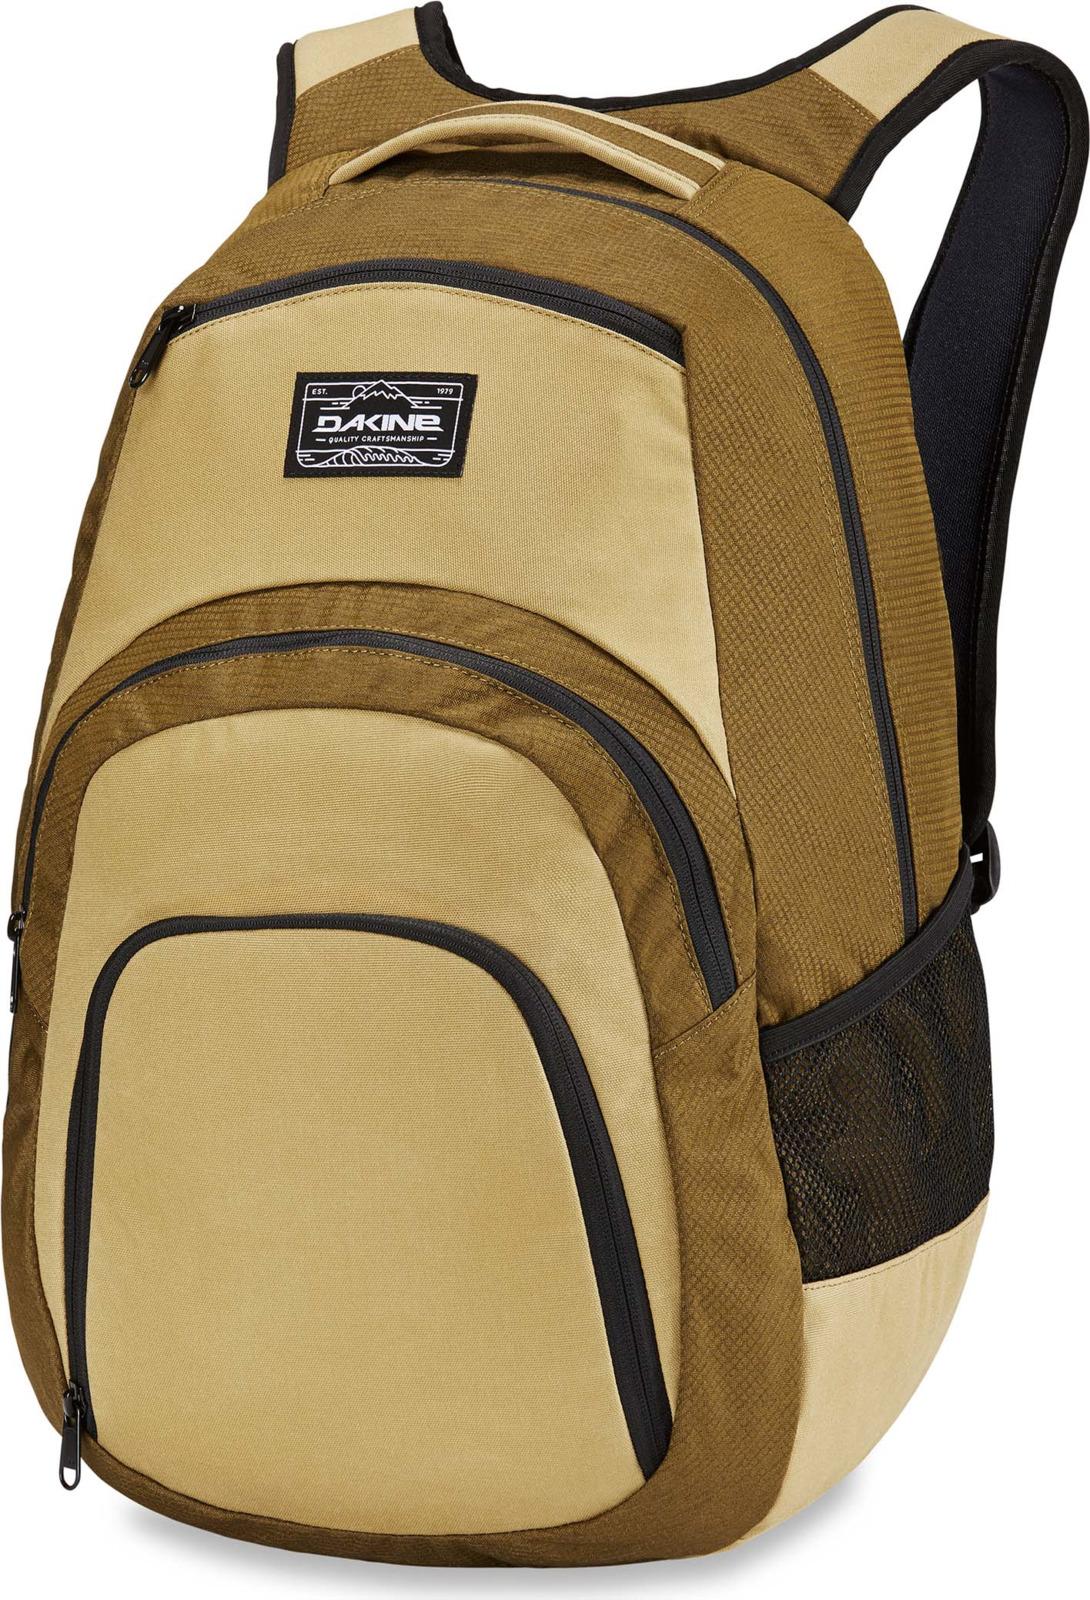 Рюкзак Dakine Campus, цвет: темно-зеленый, 33 л oiwas ноутбук рюкзак мода случайные